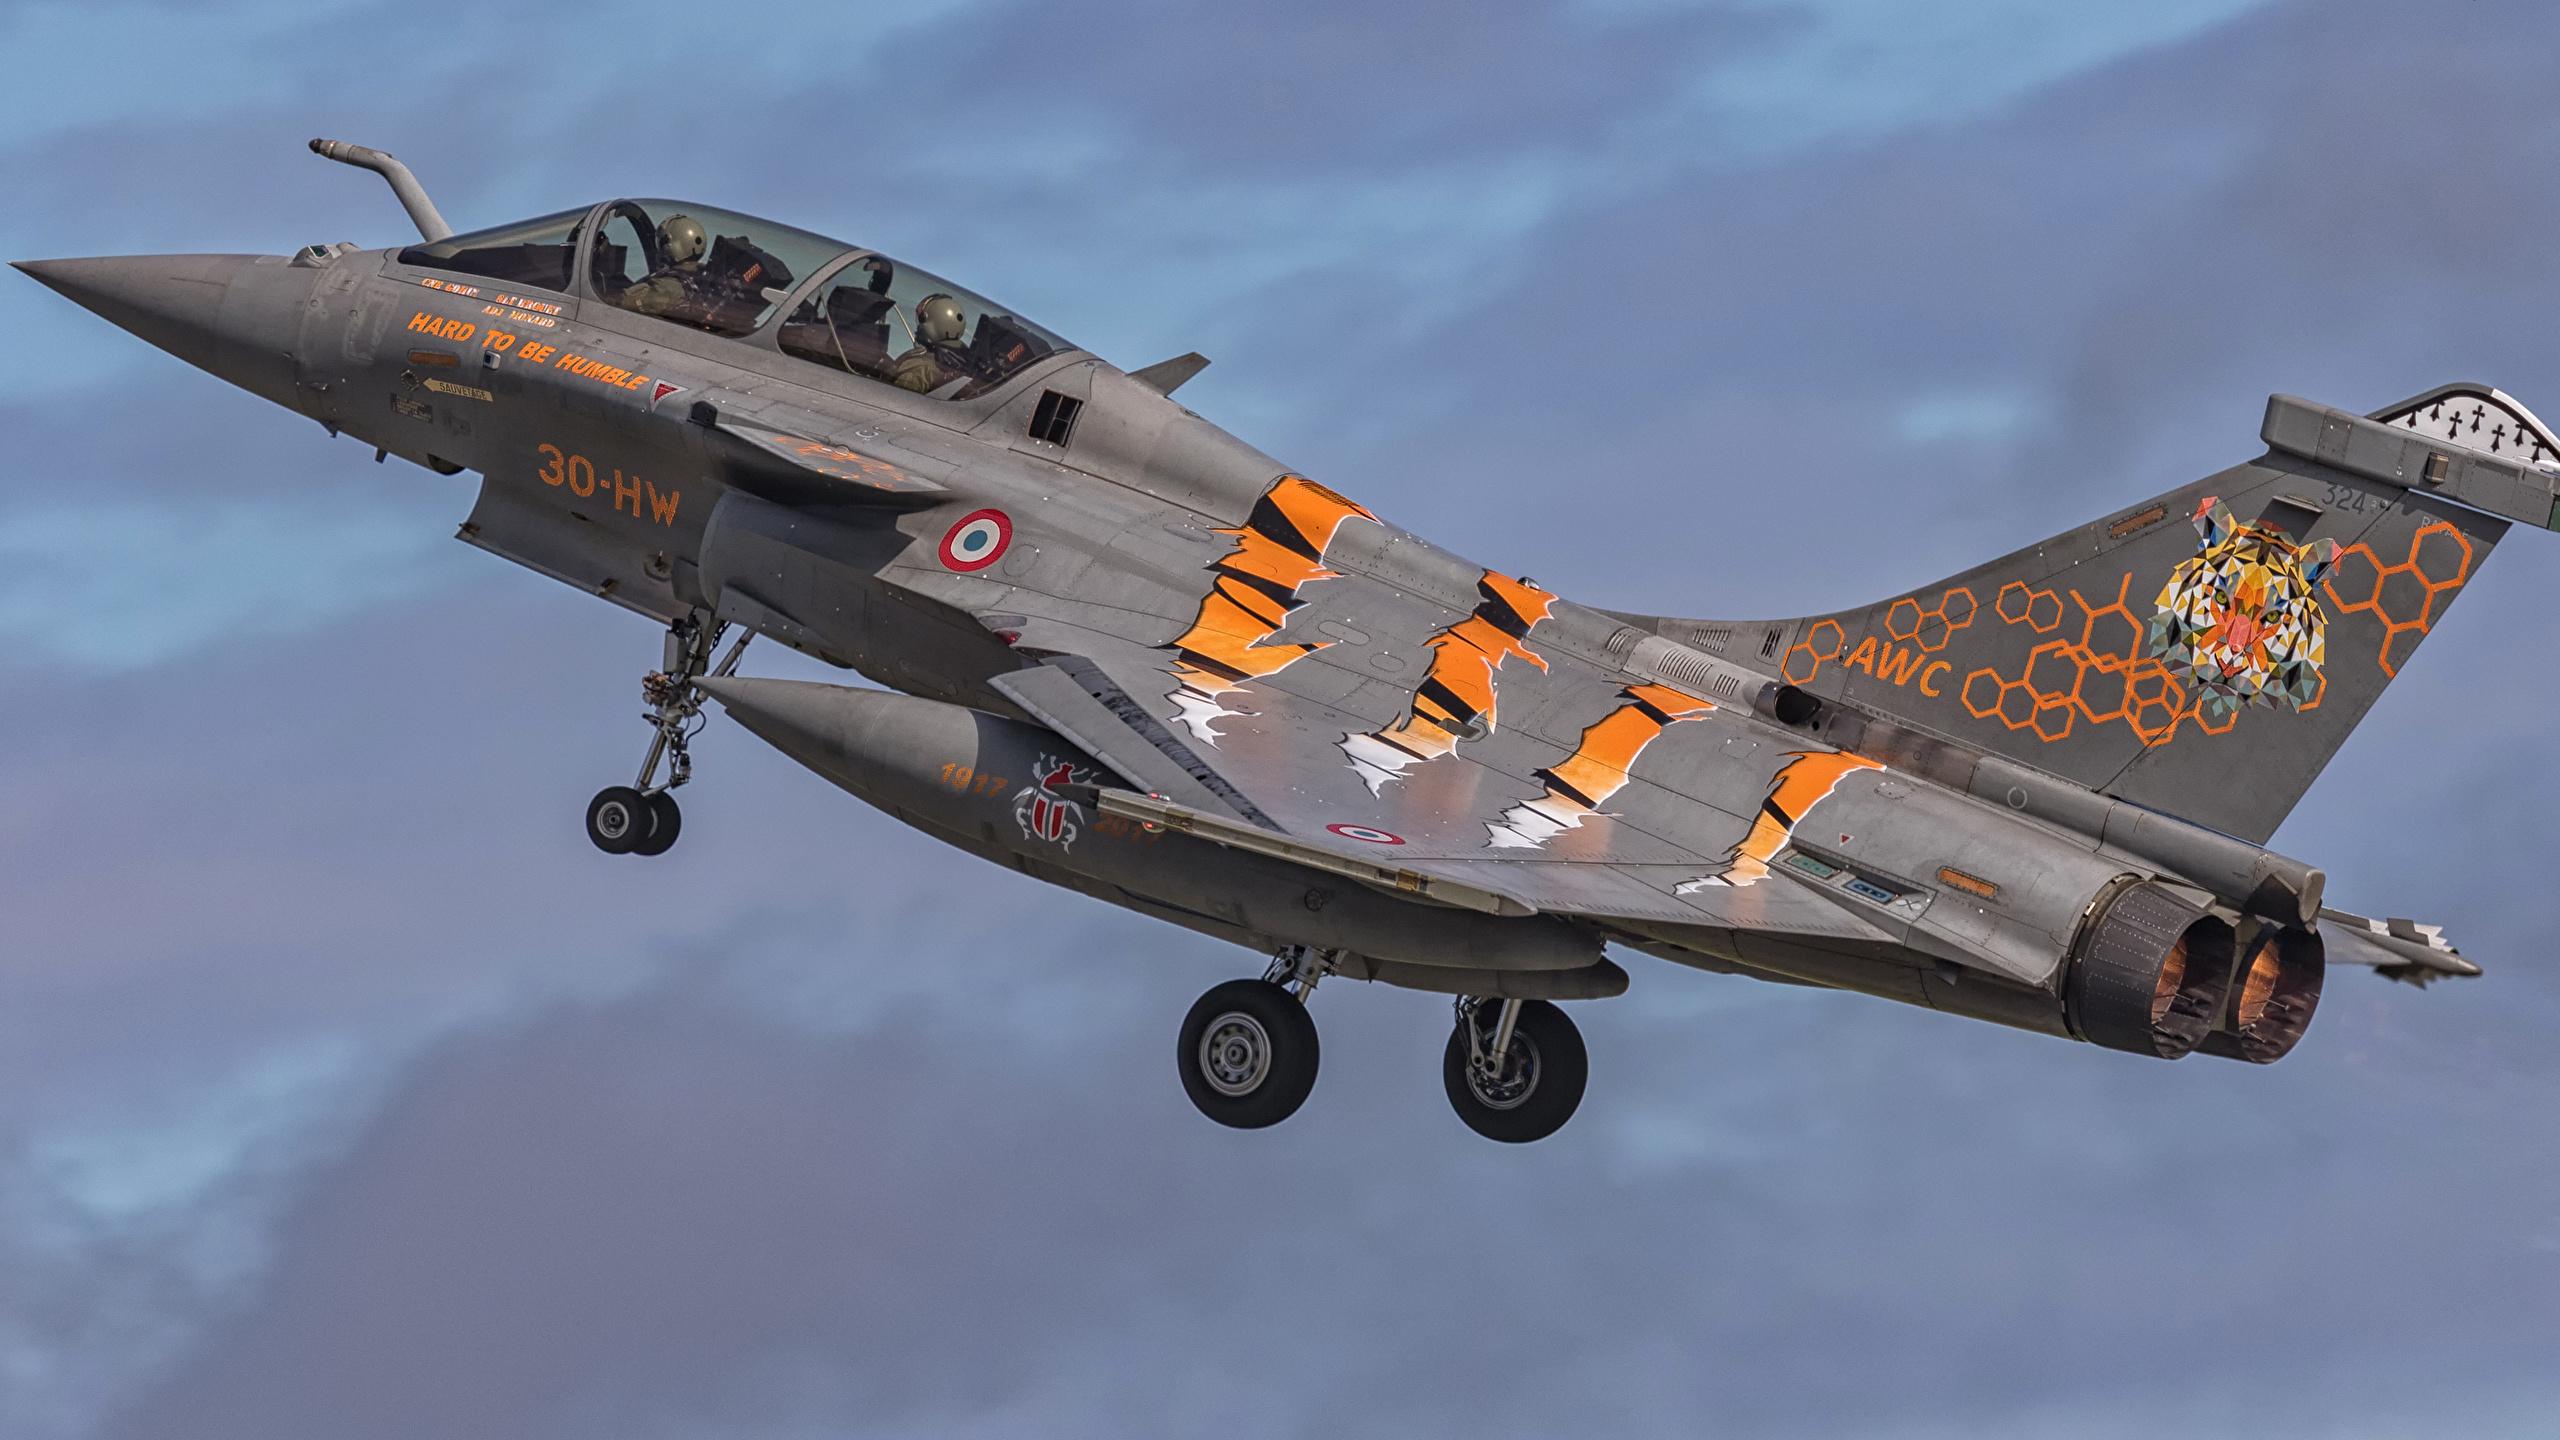 Fondos De Pantalla 2560x1440 Avións Avión De Caza French Air